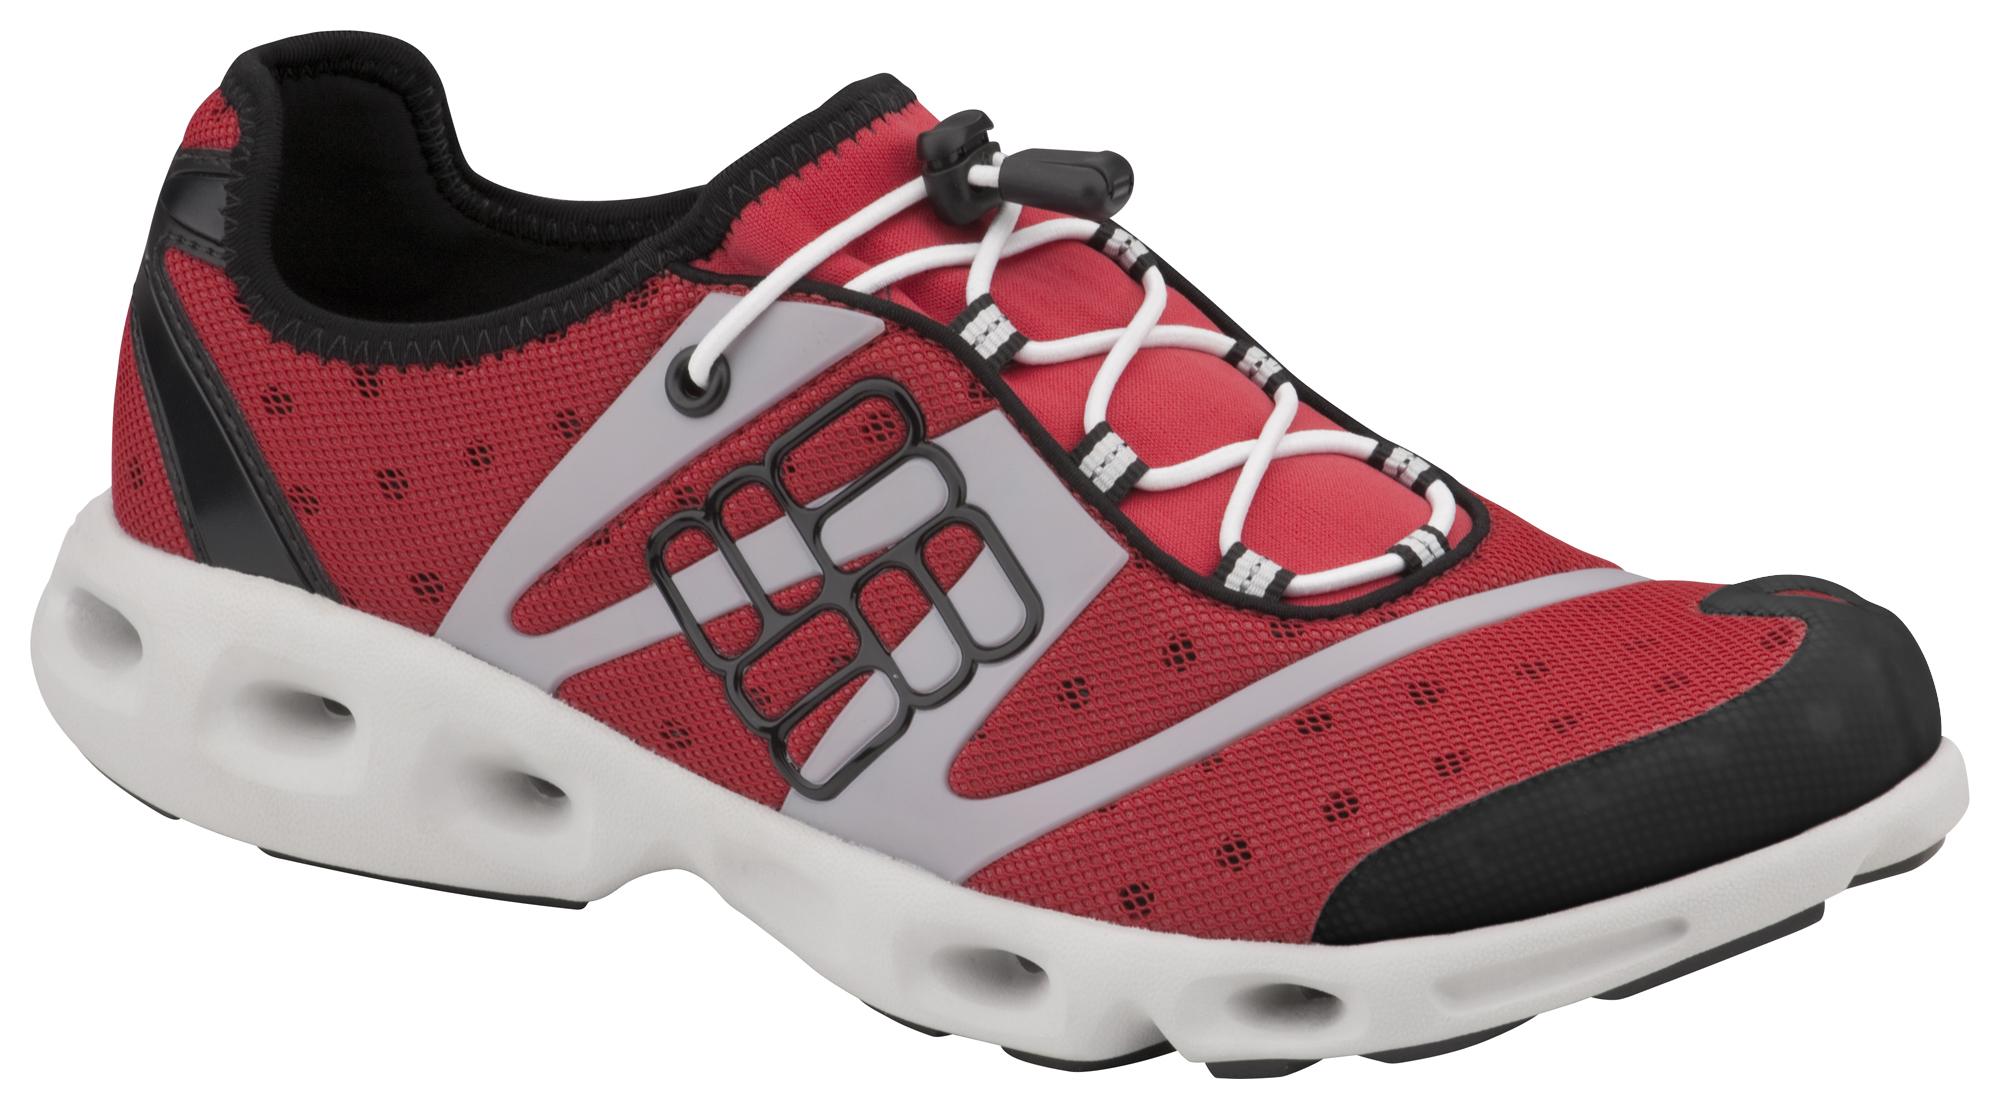 Columbia powerdrain water shoe florida sportsman for Columbia fishing shoes